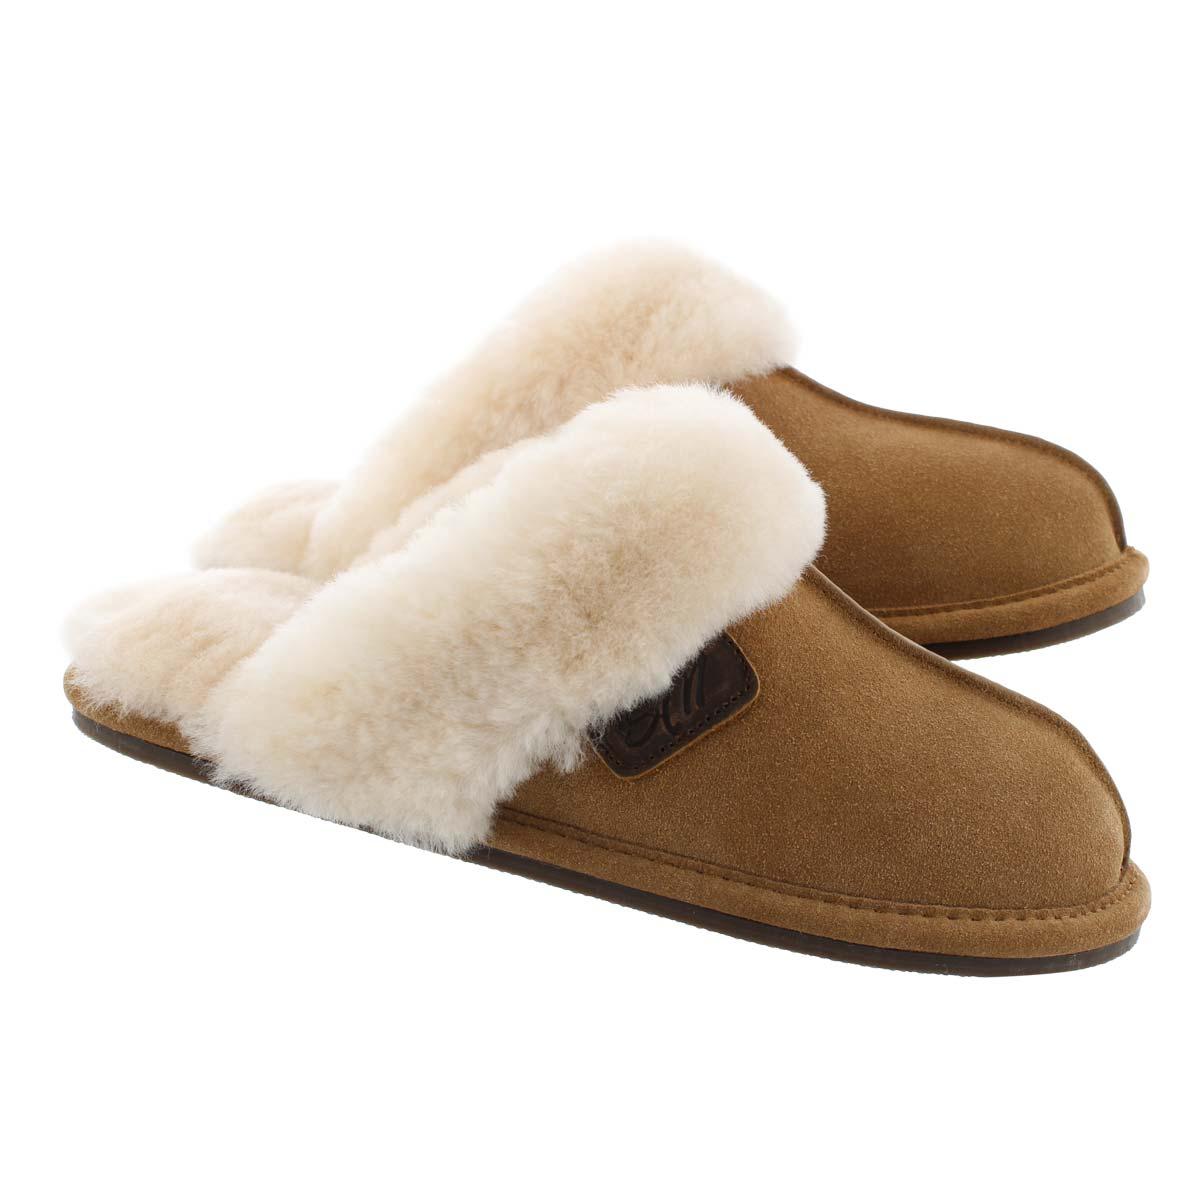 Lds Rihana chesnut open back slipper